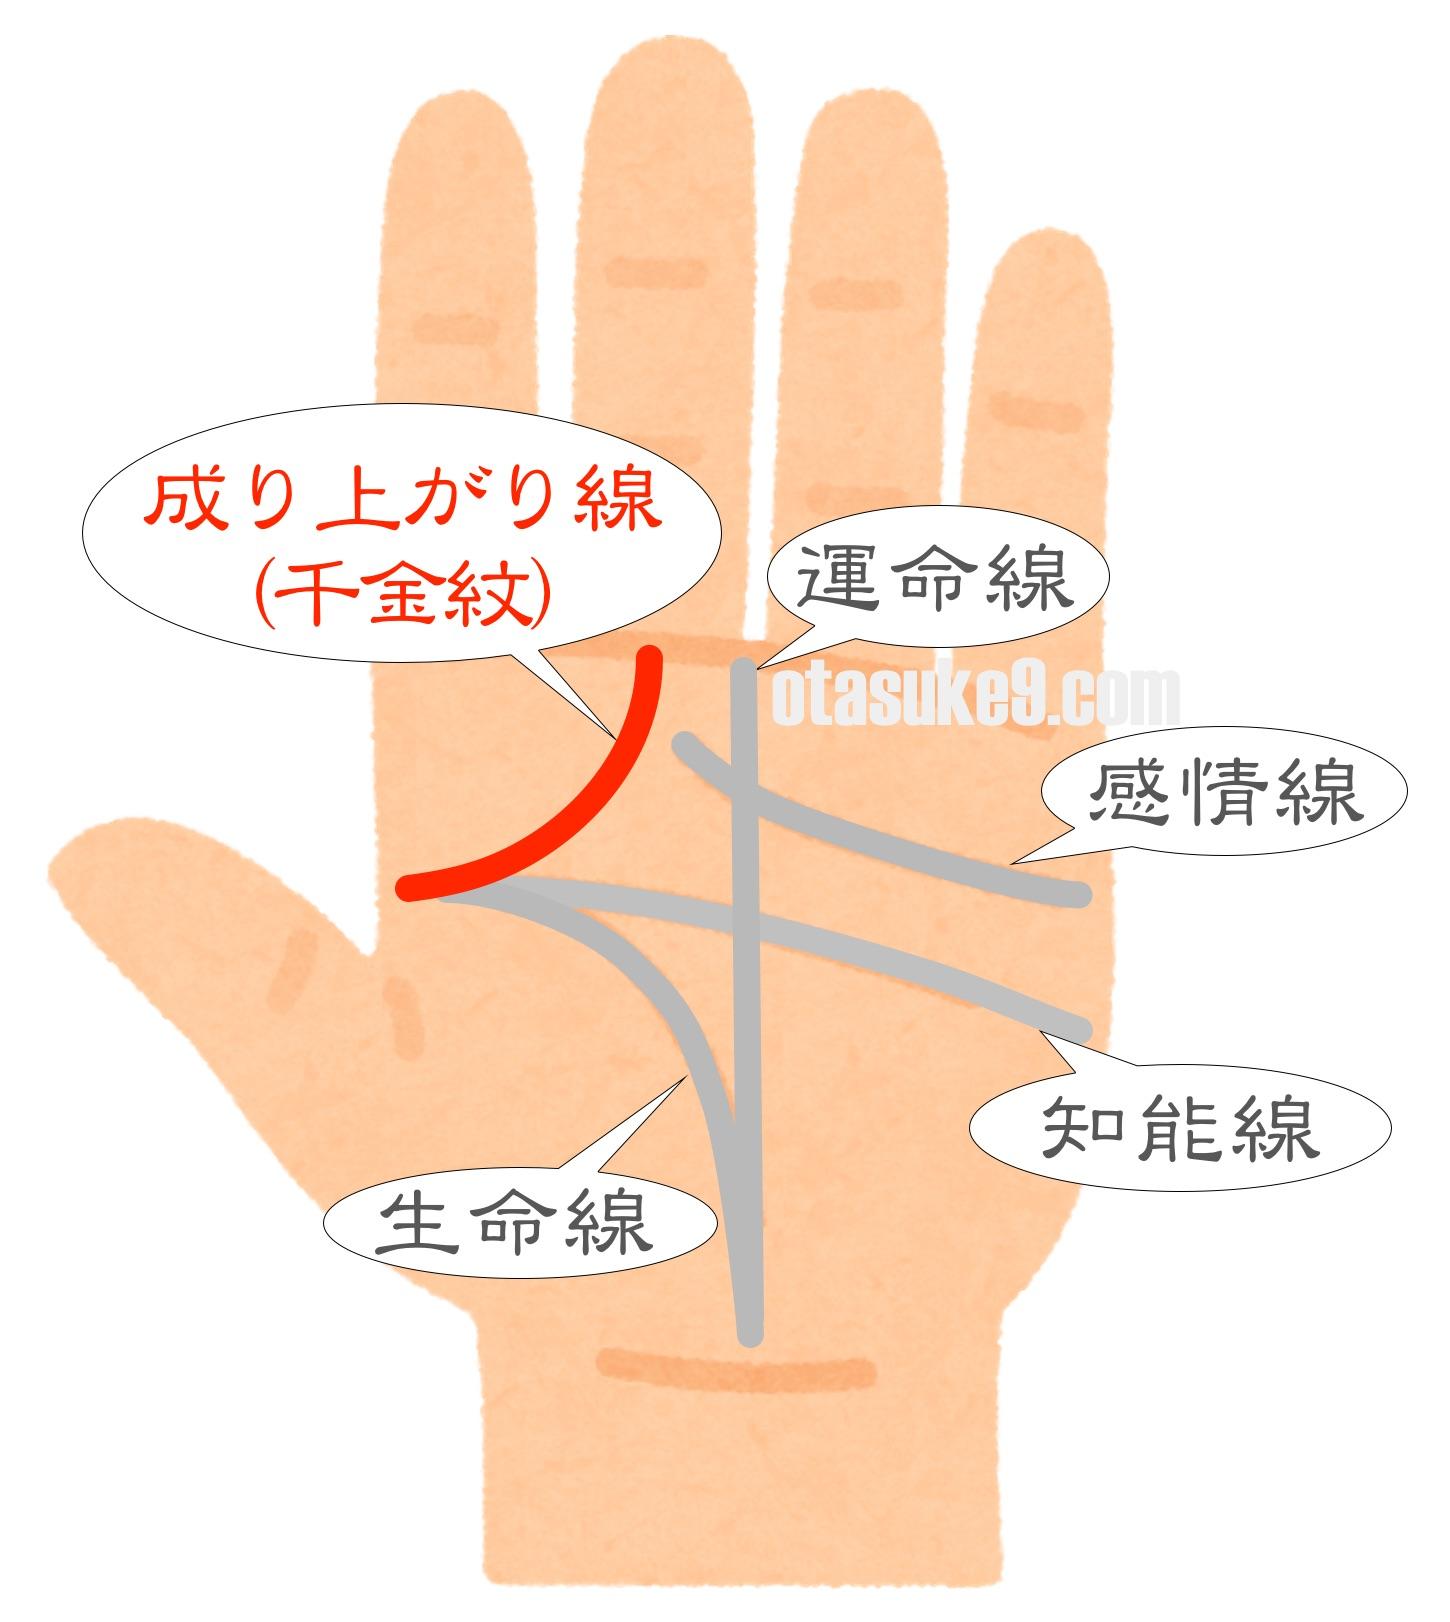 成り上がり線(千金紋)